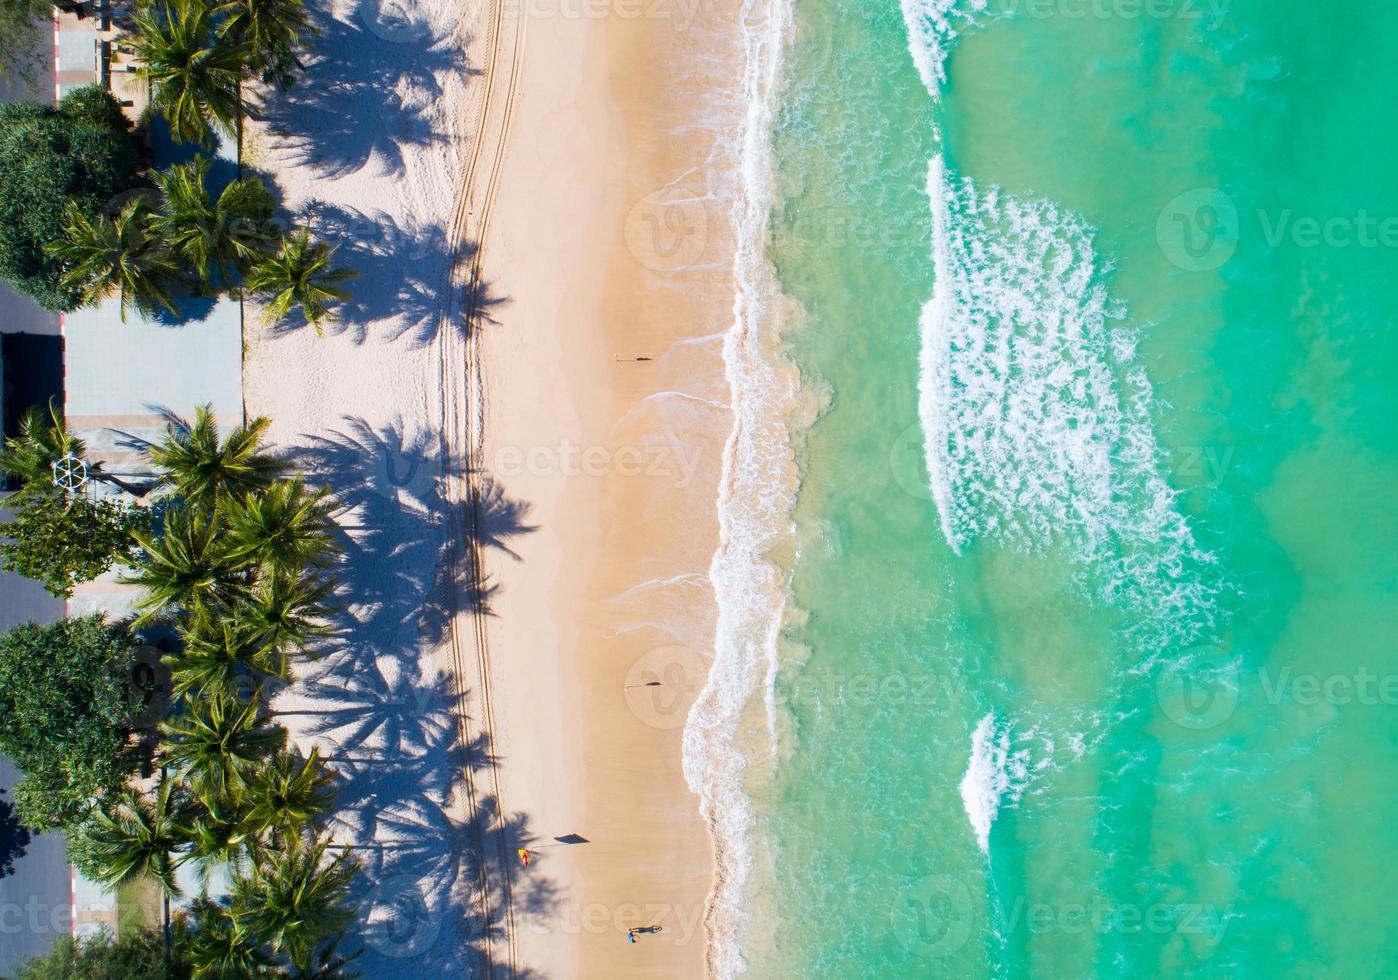 vue aérienne de haut en bas des cocotiers photo